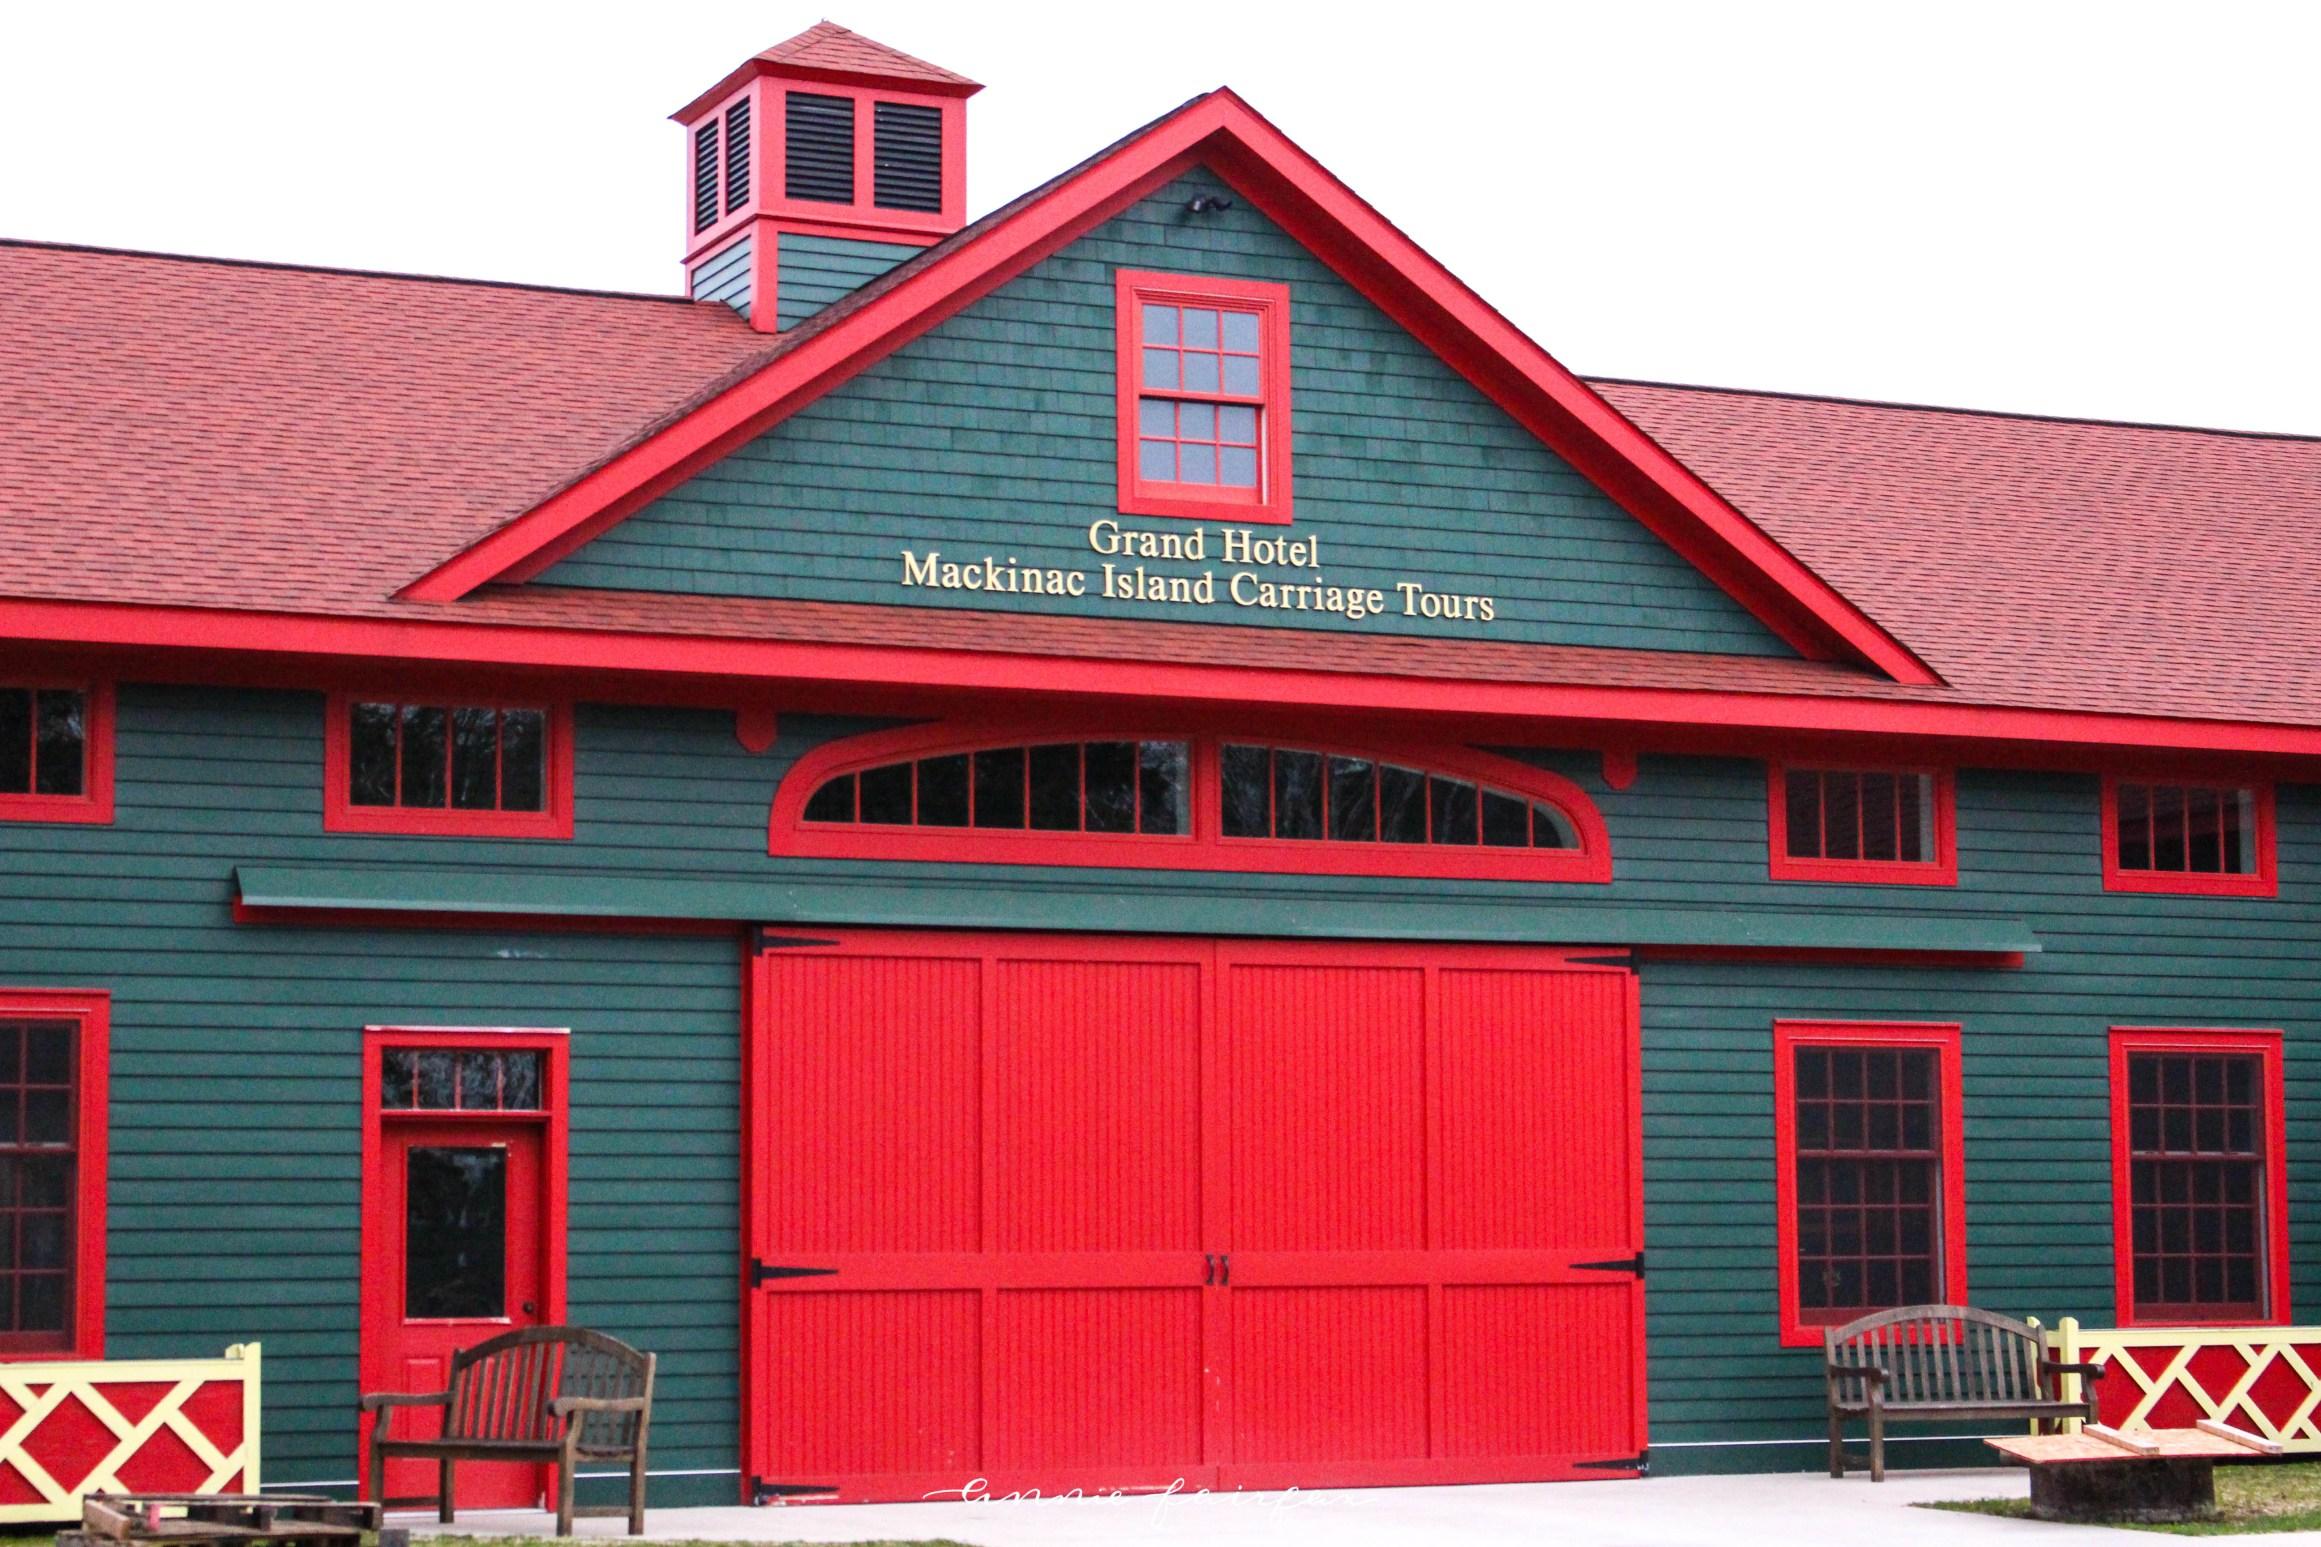 Grand Hotel Carriage Tours Mackinac Island Horses